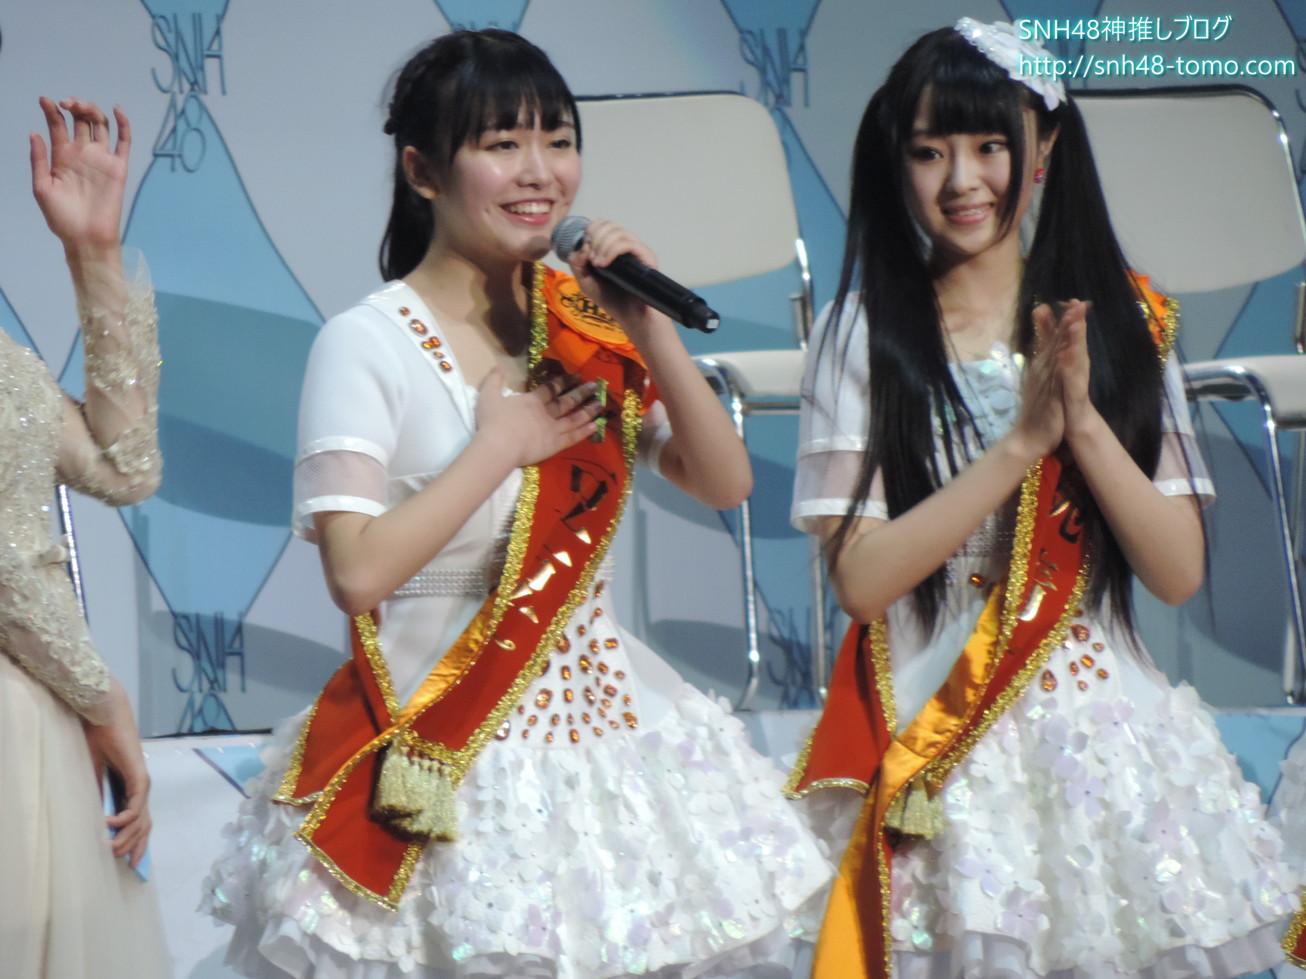 snh48第二回総選挙_613